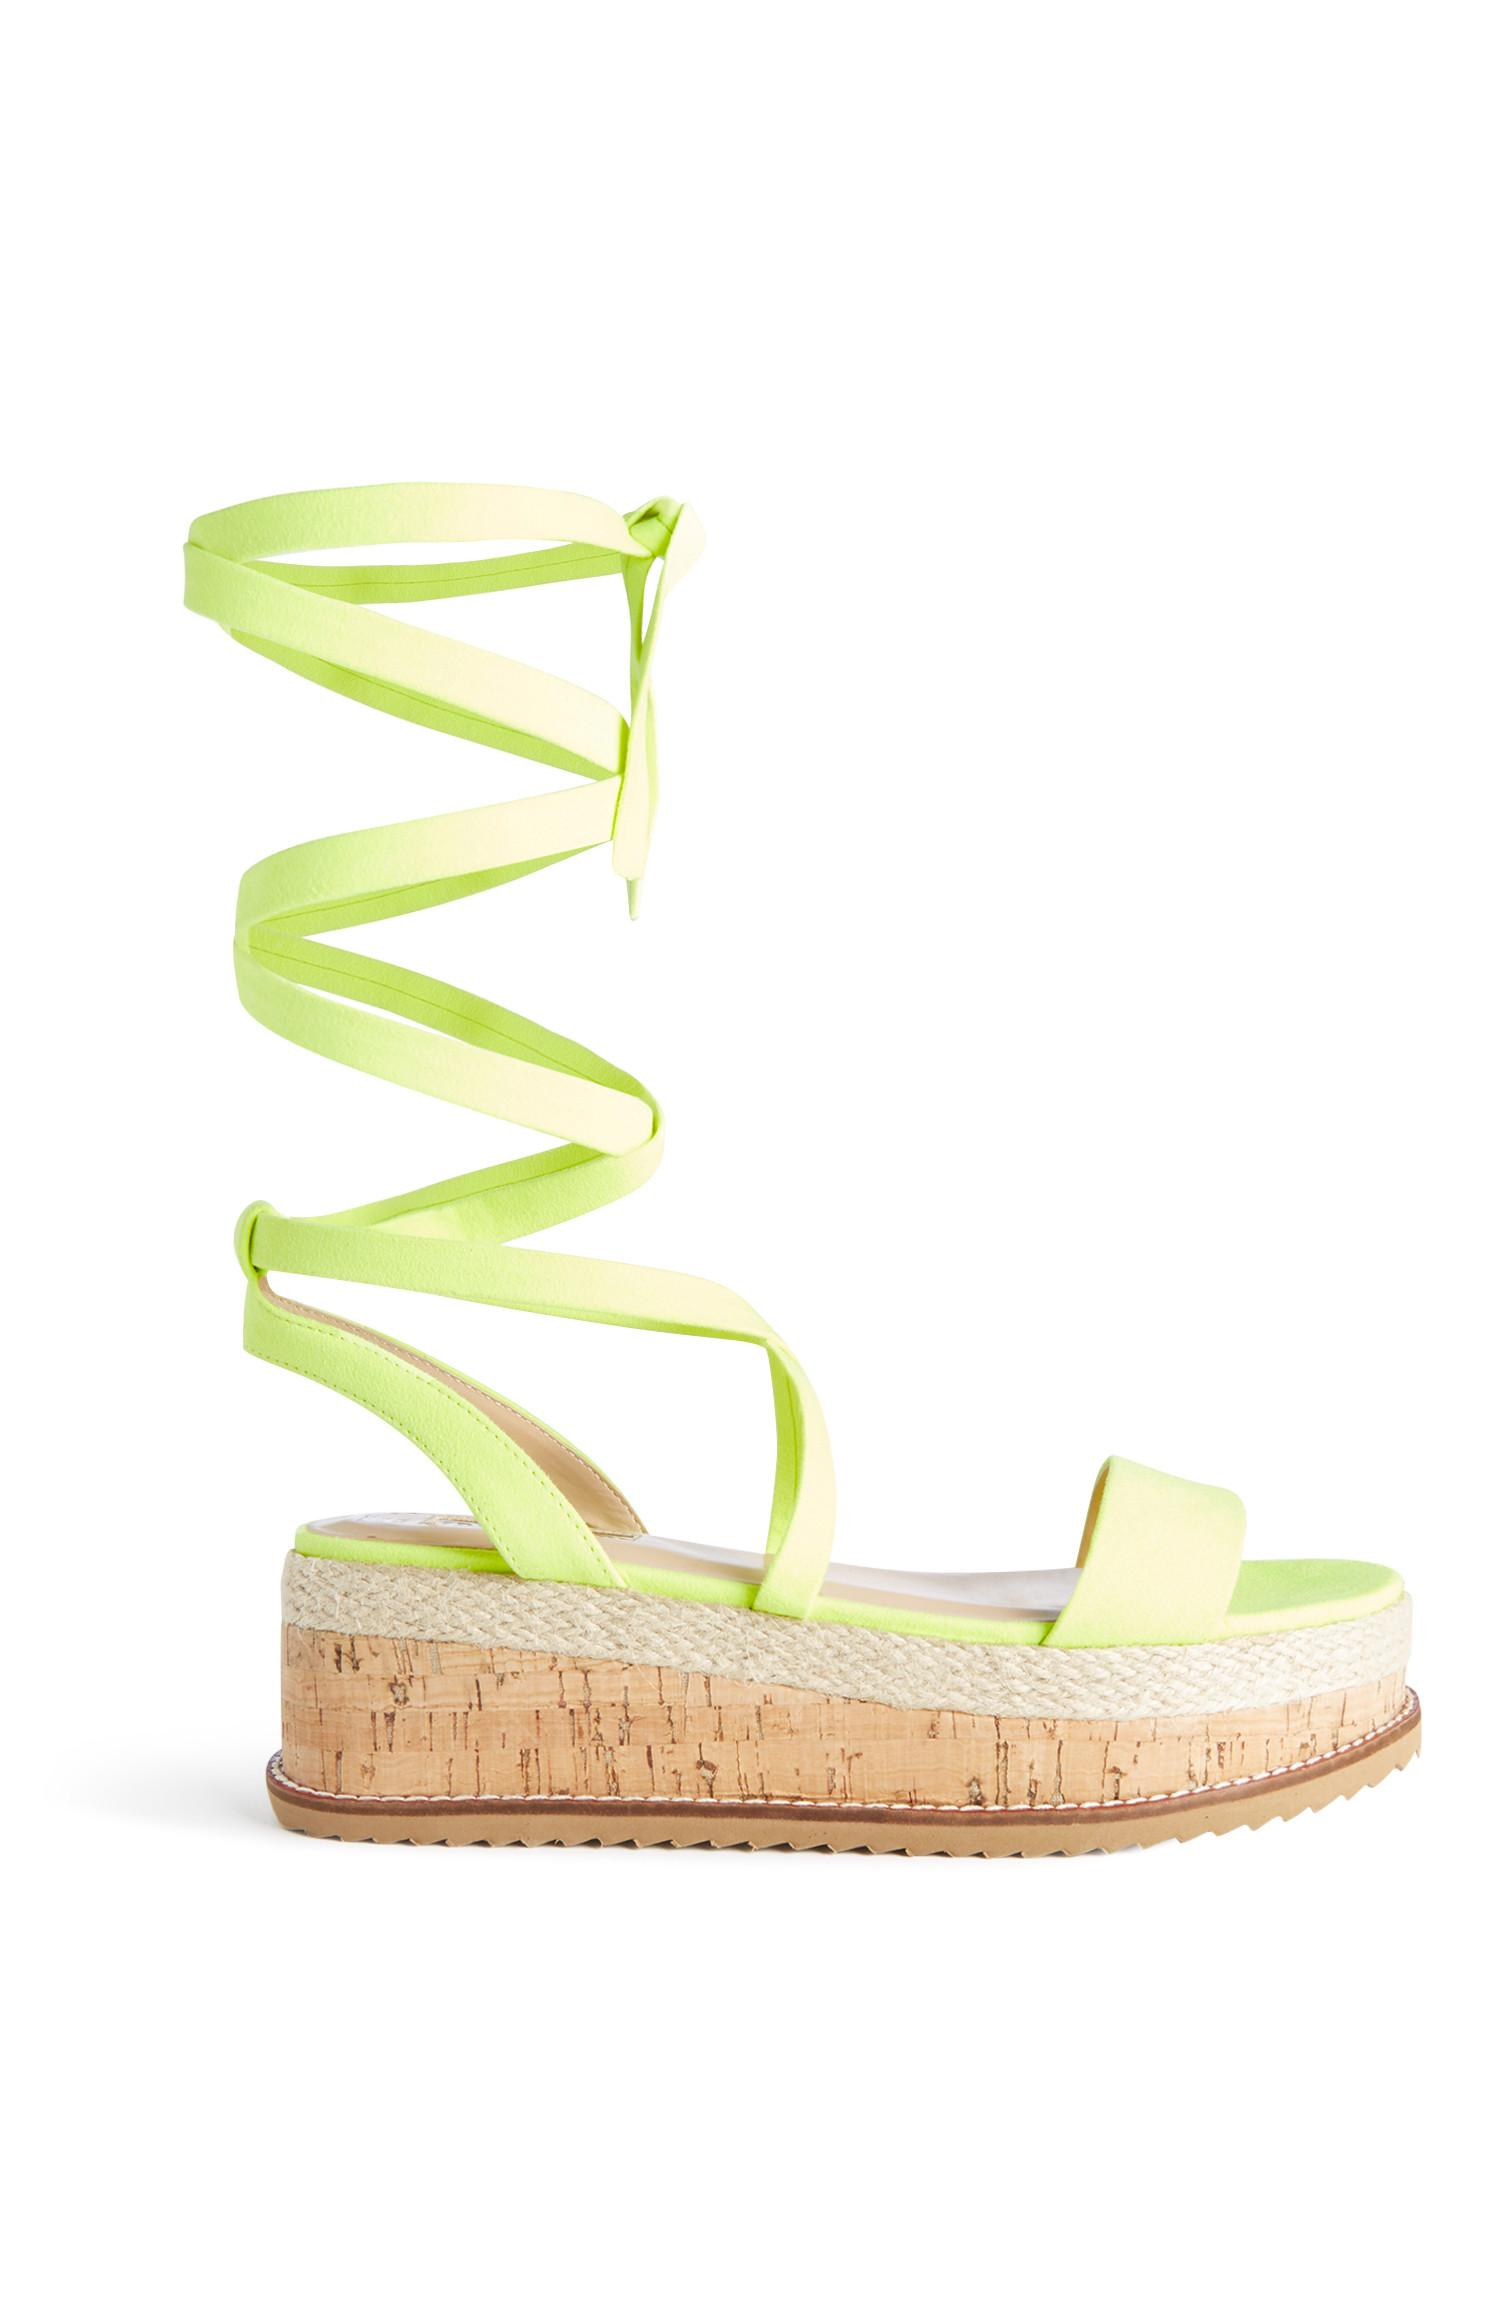 Pour De Ar Femmes Mode Chaussures Bottes OkXuTiPZ